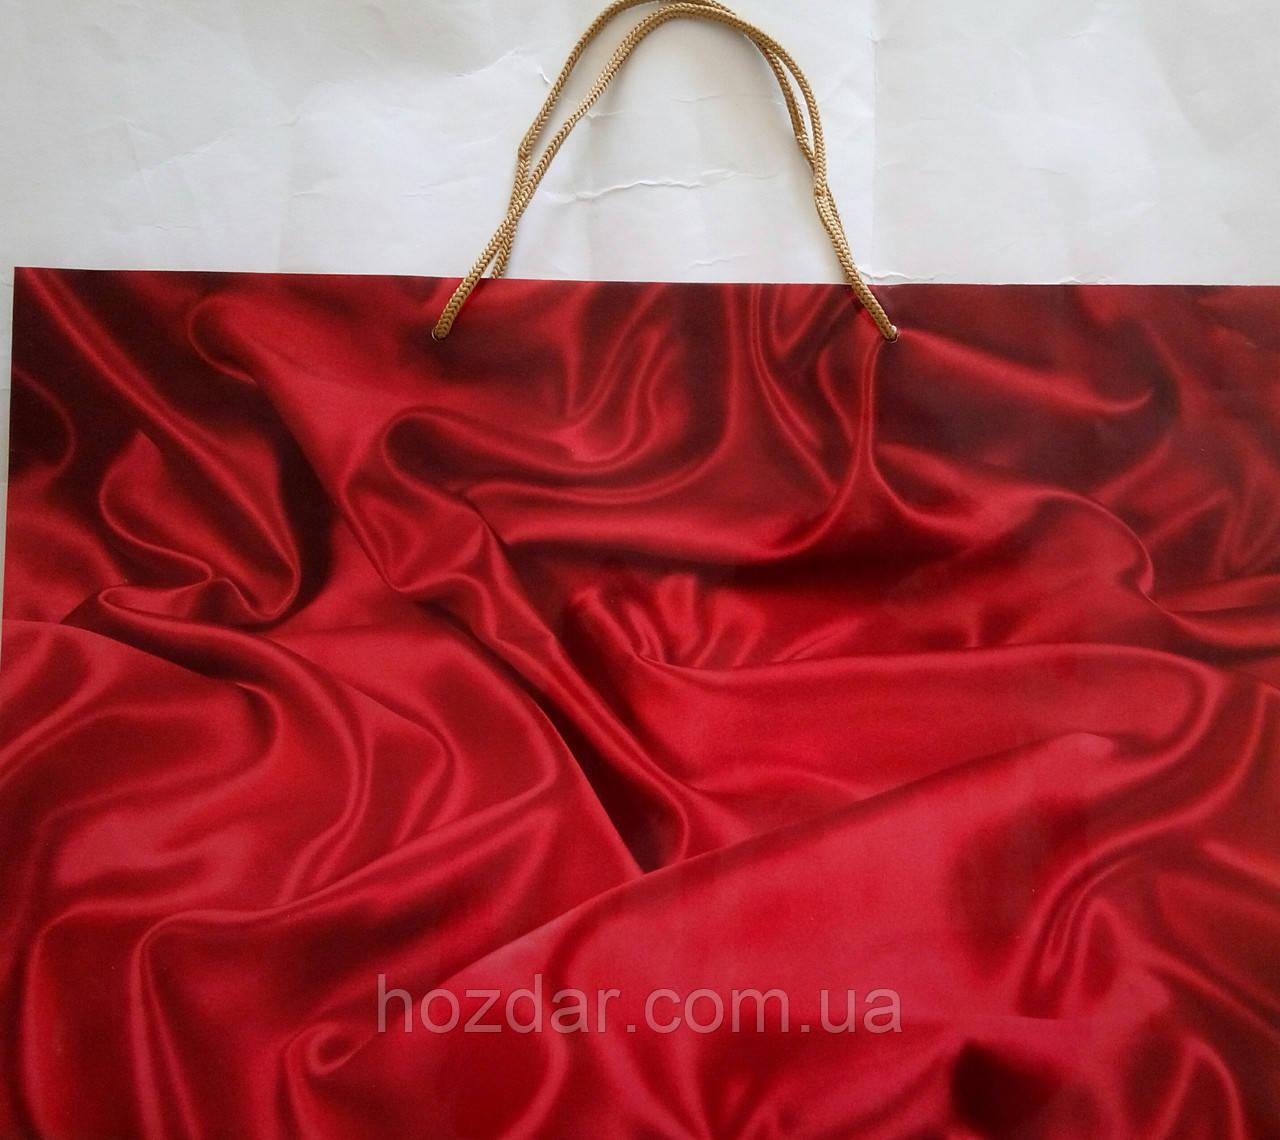 Пакет подарочный бумажный гигант горизонтальный 46х32х15 (28-033)